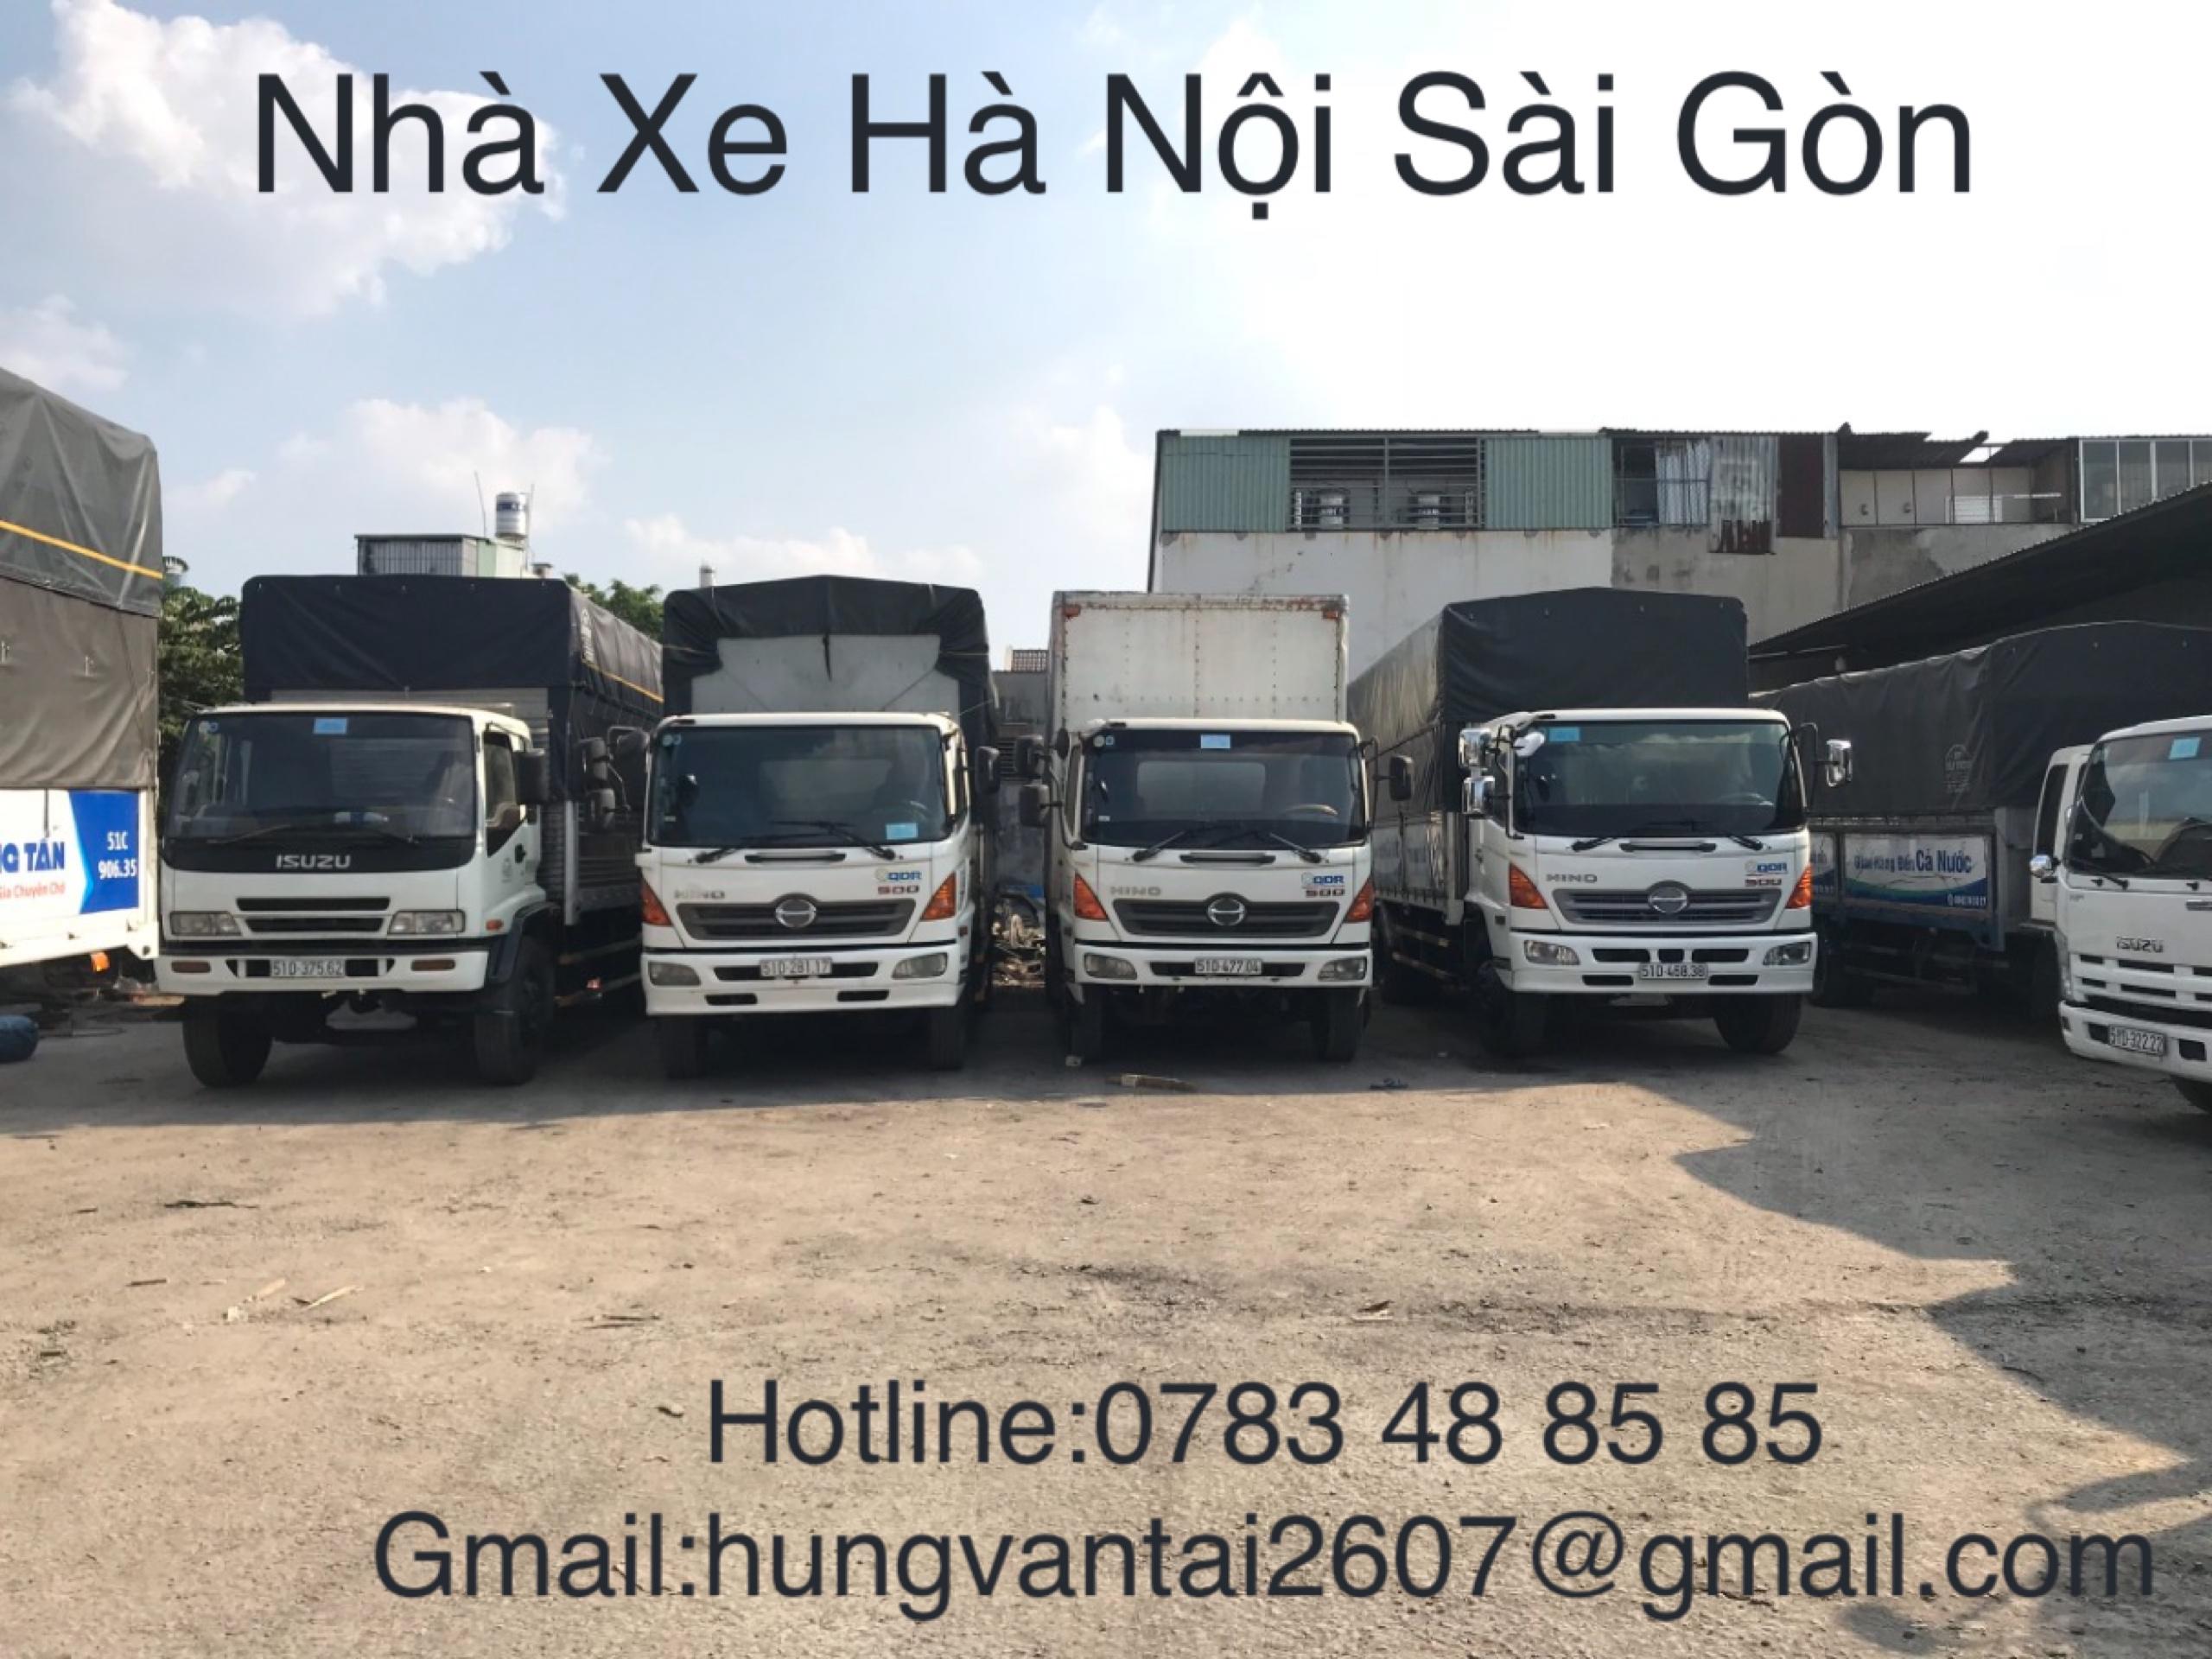 Chuyển Hàng Nhanh Hà Nội đi Sài Gòn